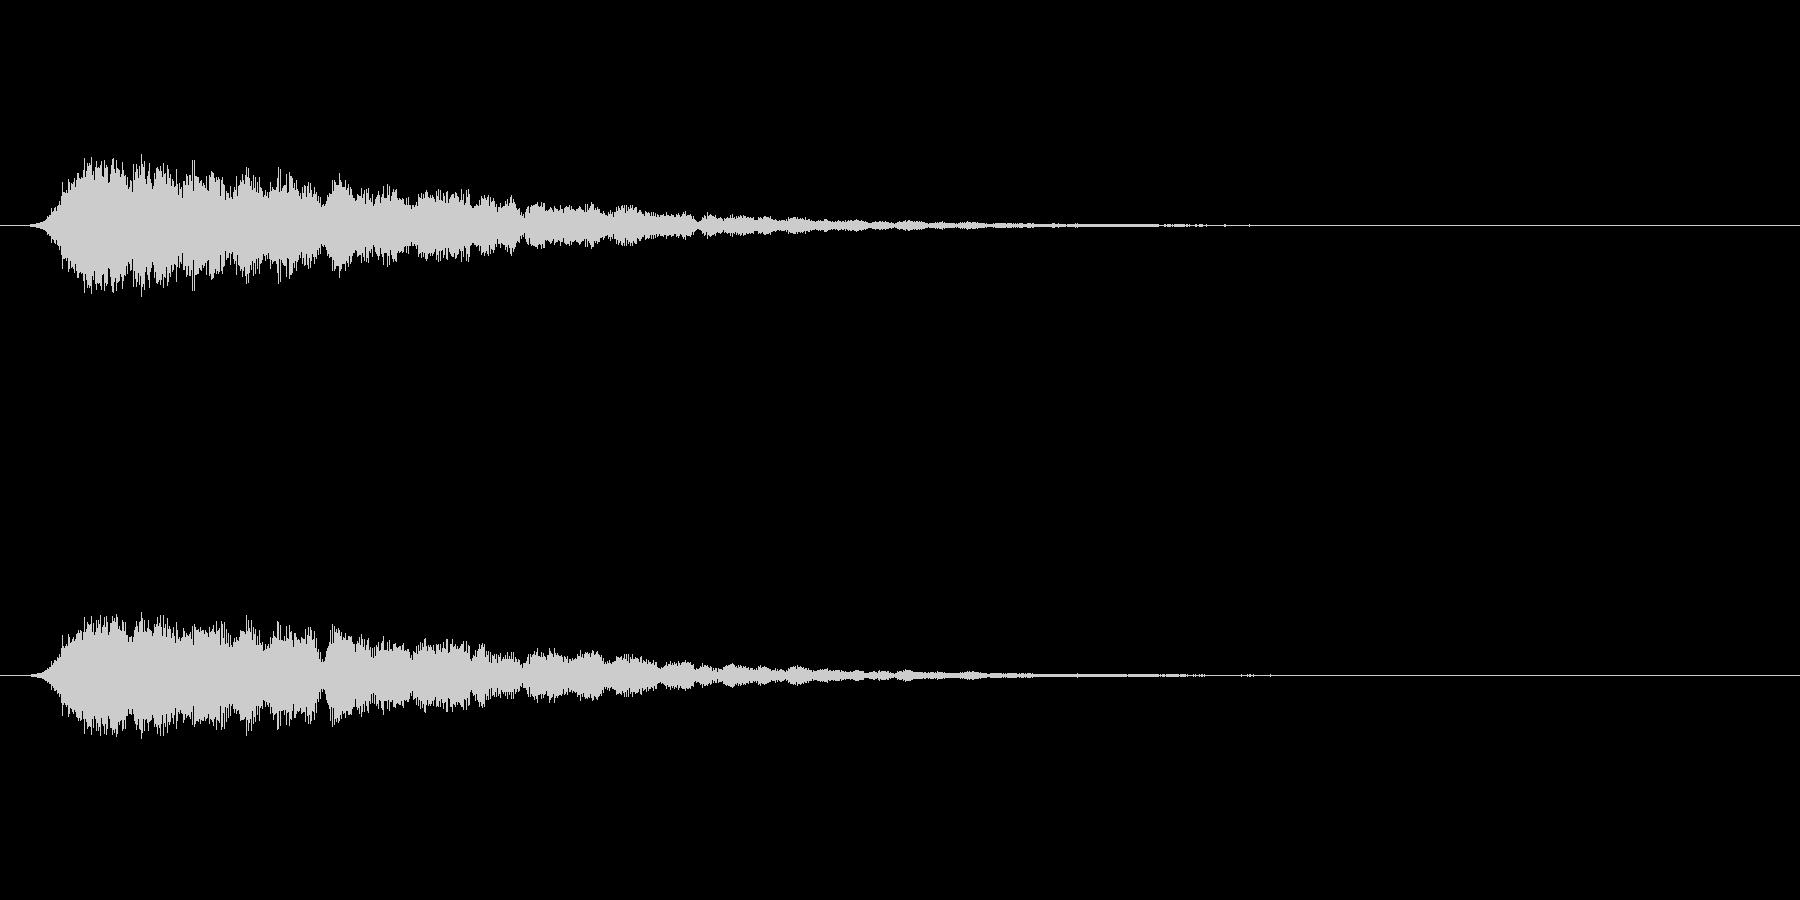 【ショートブリッジ23-1】の未再生の波形